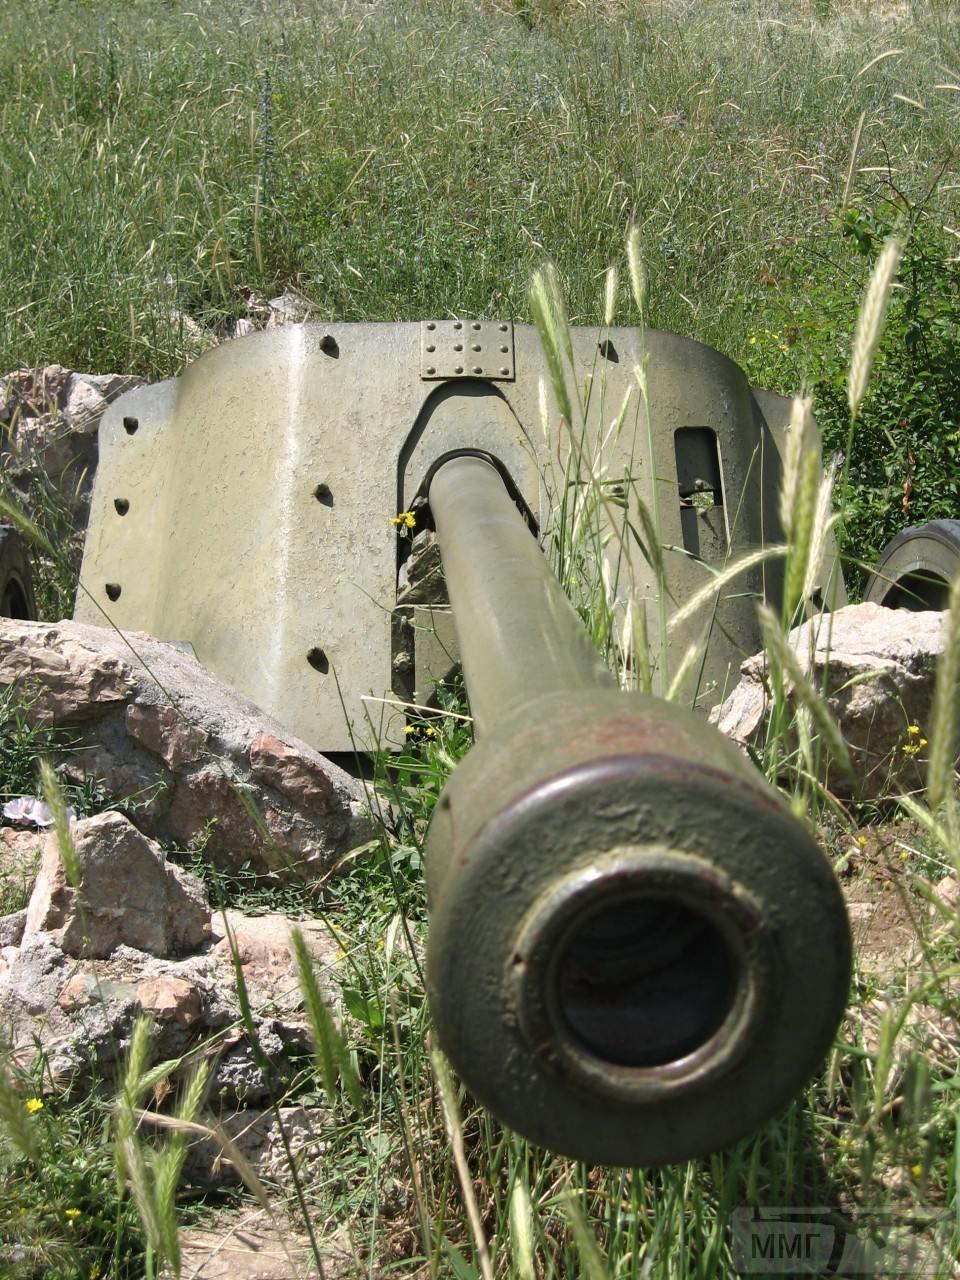 23365 - Противотанковая пушка 5 cm Pak. 38